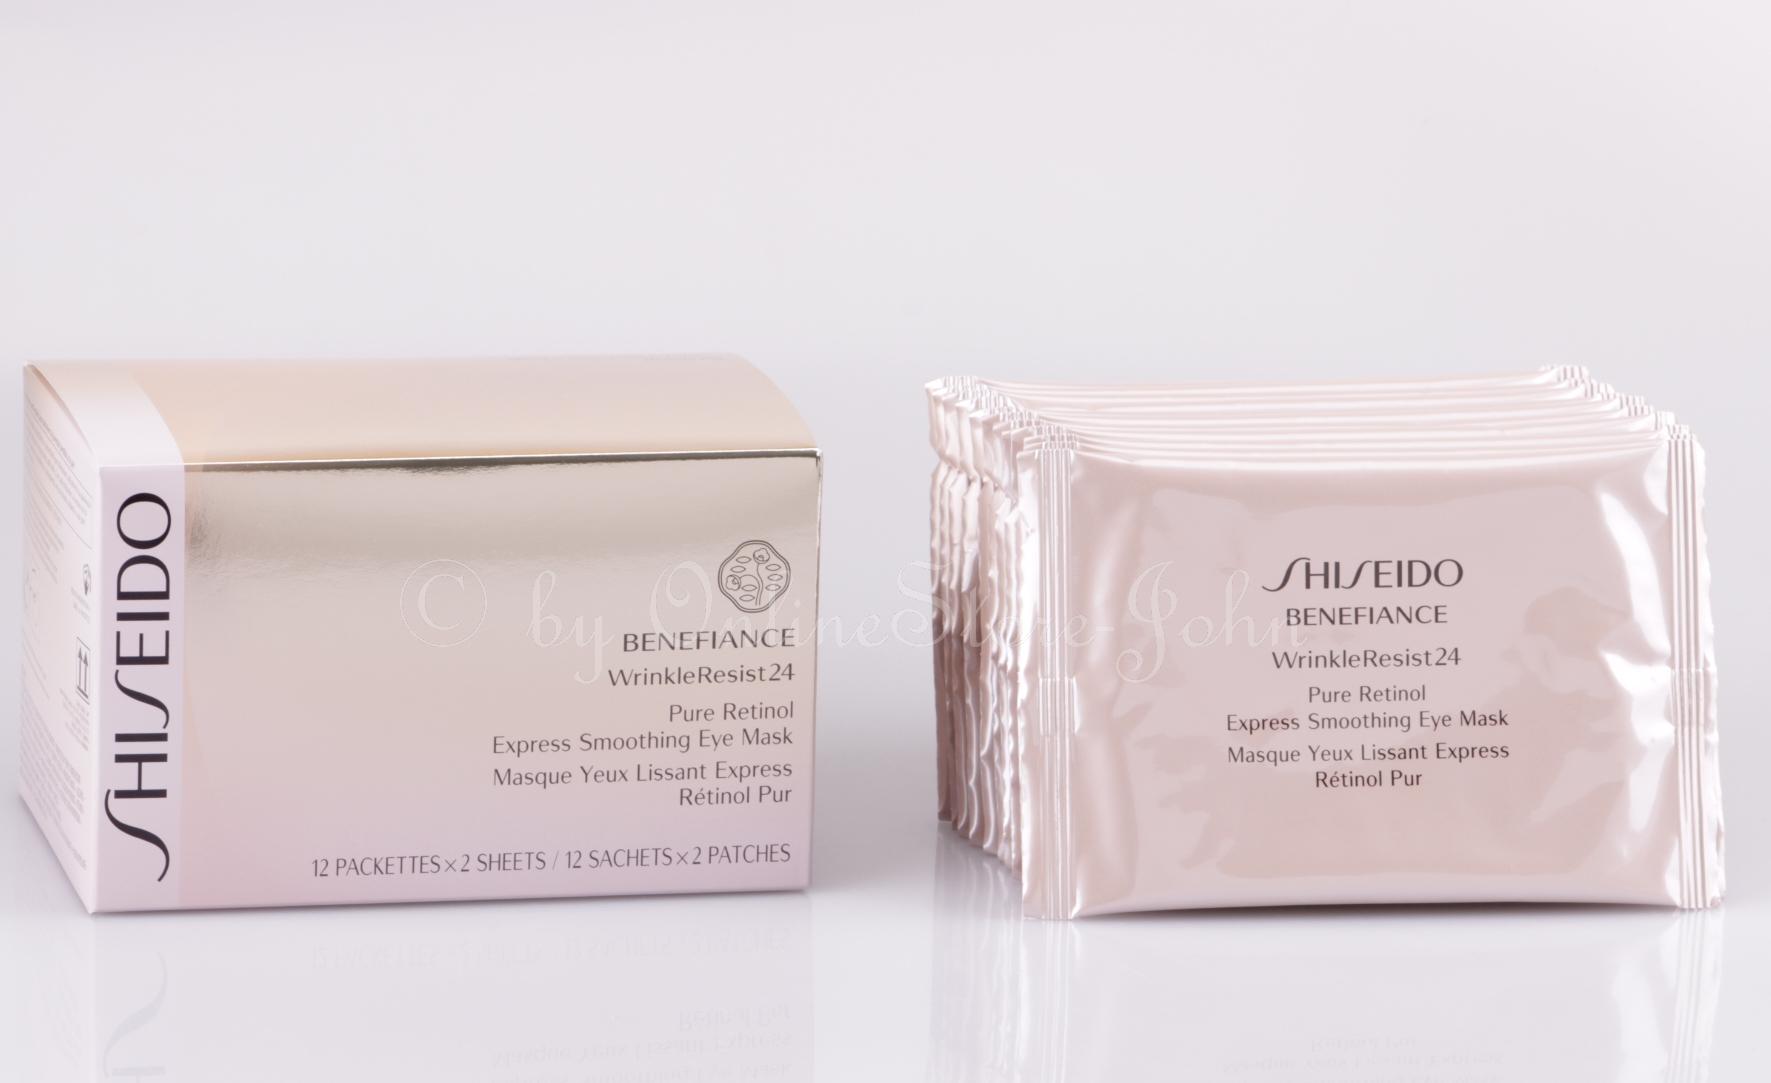 shiseido pure retinol express smoothing eye mask